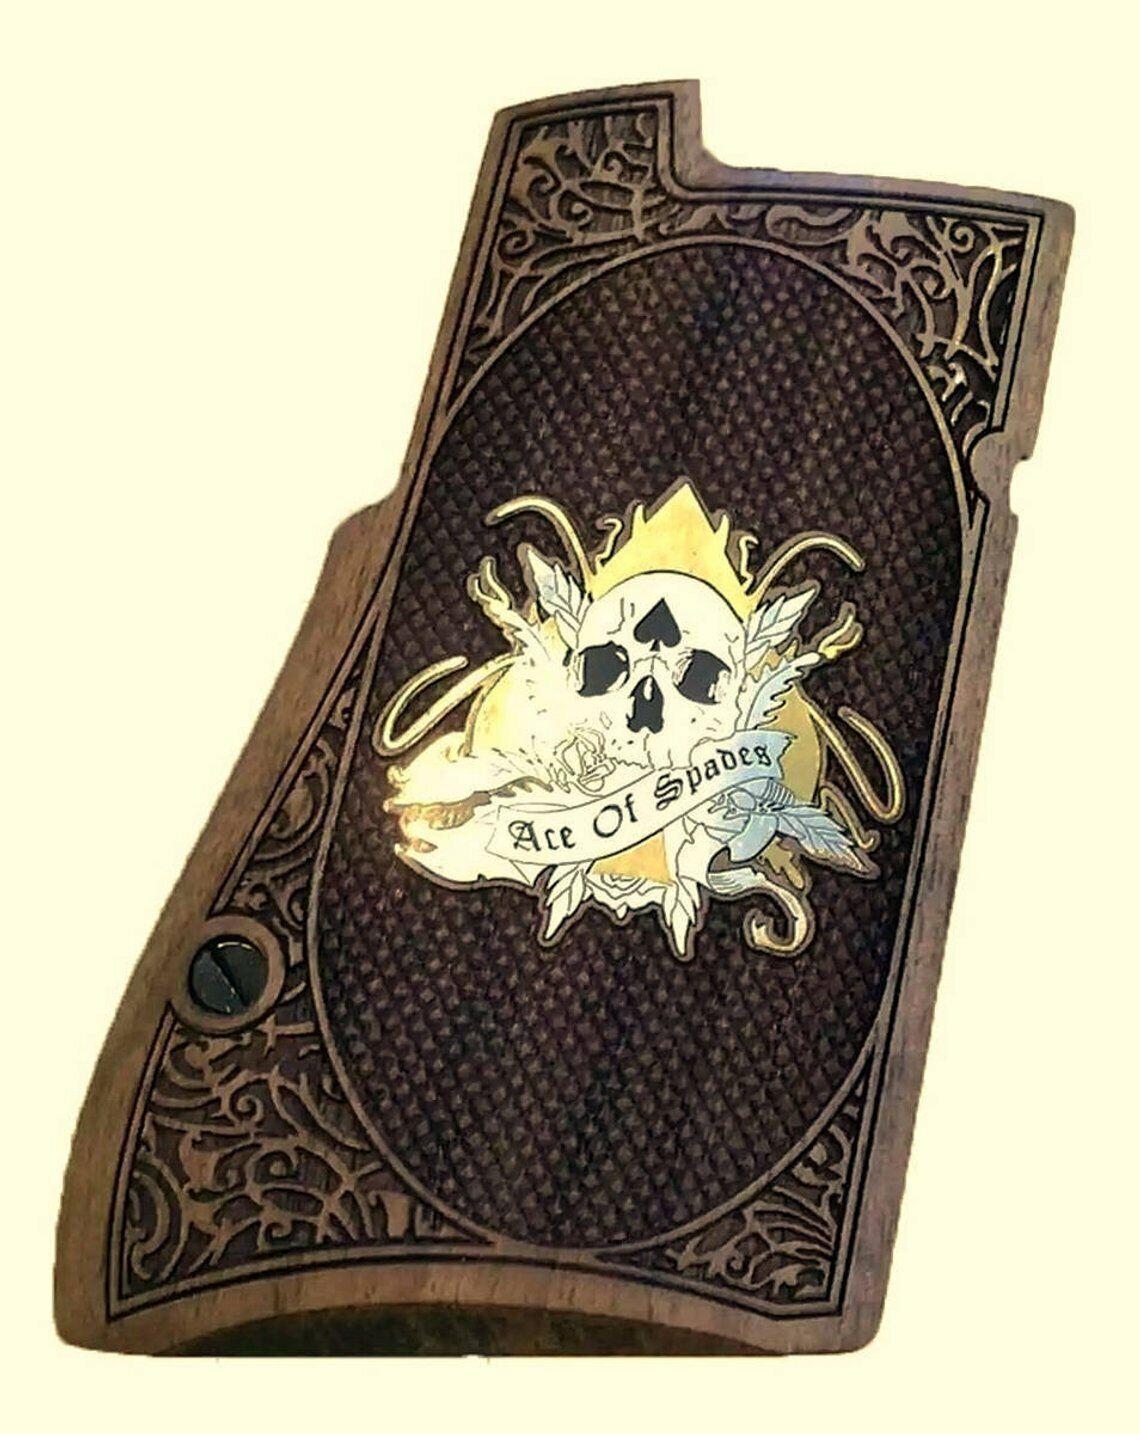 Desert Eagle apretones de nogal con logotipo Custo hace de latón y plata. (apretones te hacen).